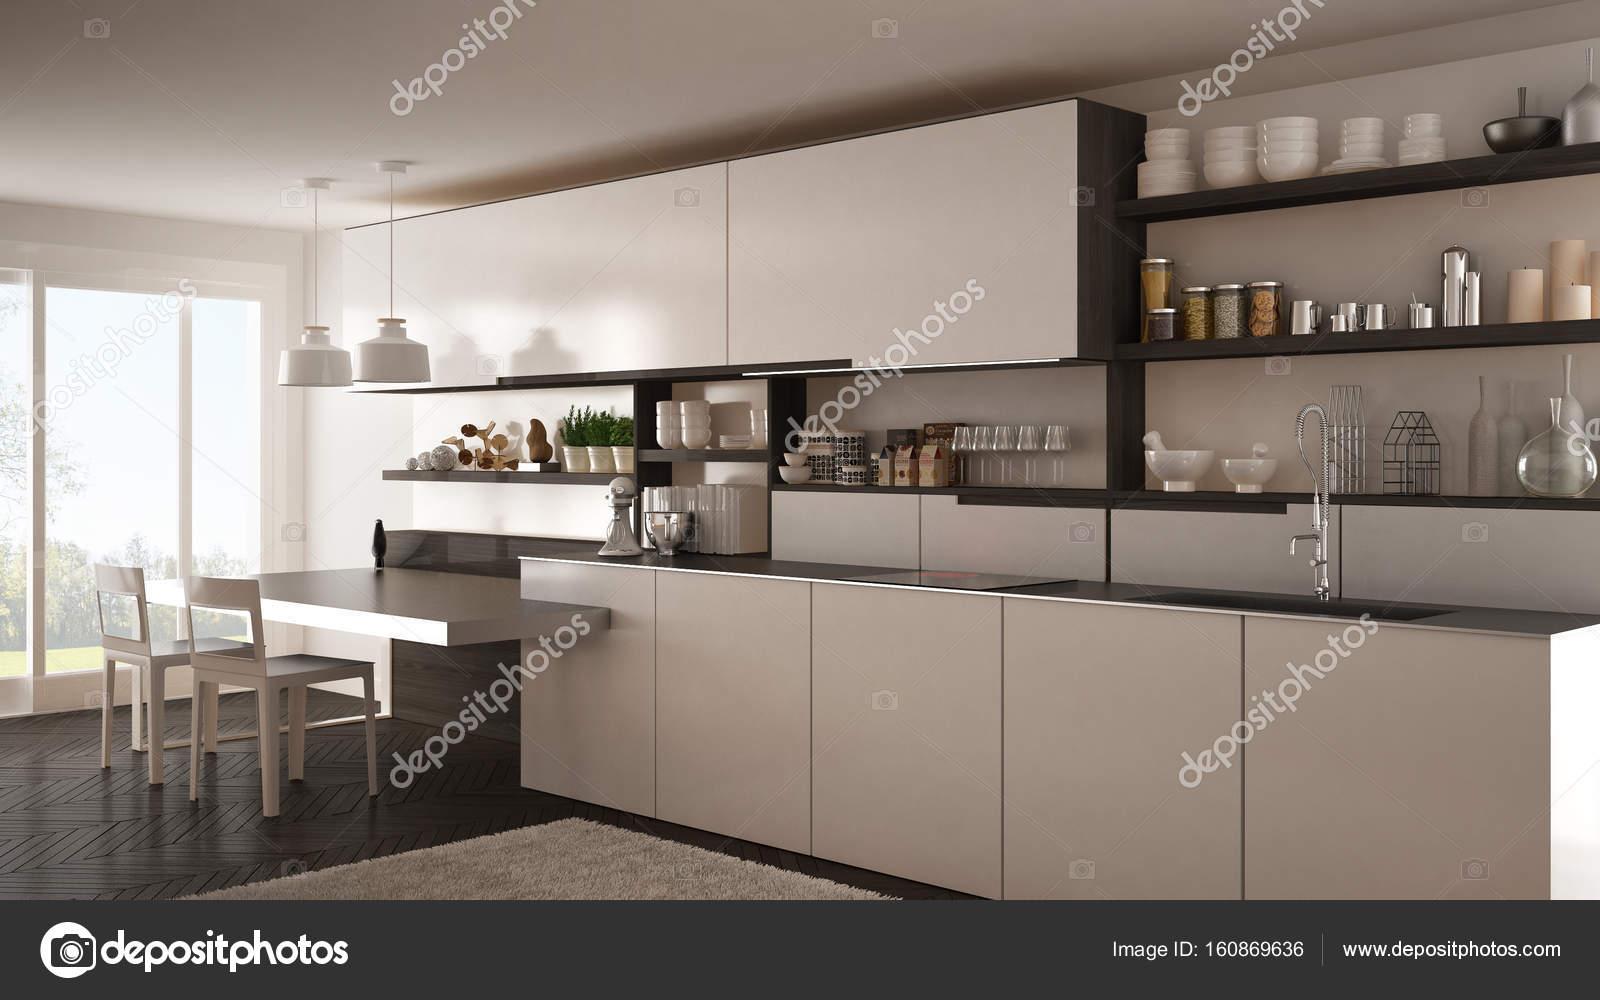 Cocina moderna minimalista con detalles de madera, mesa y ...